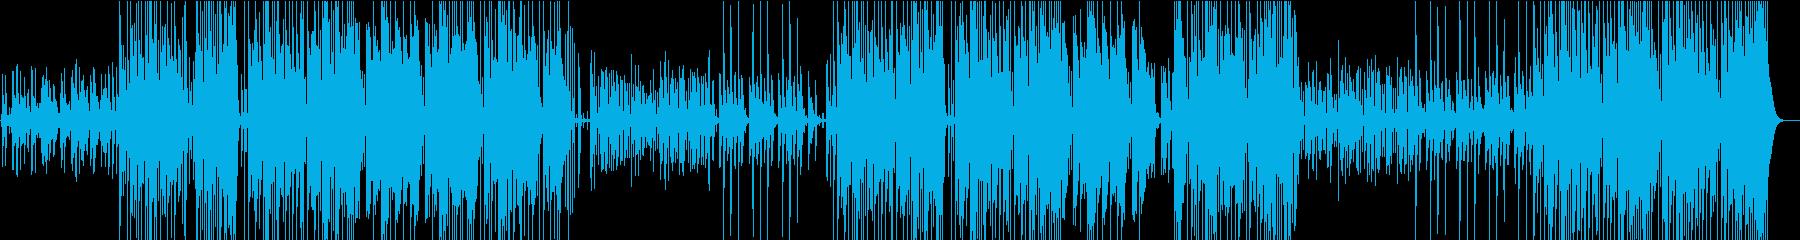 Bassが効いたTrapビートの再生済みの波形